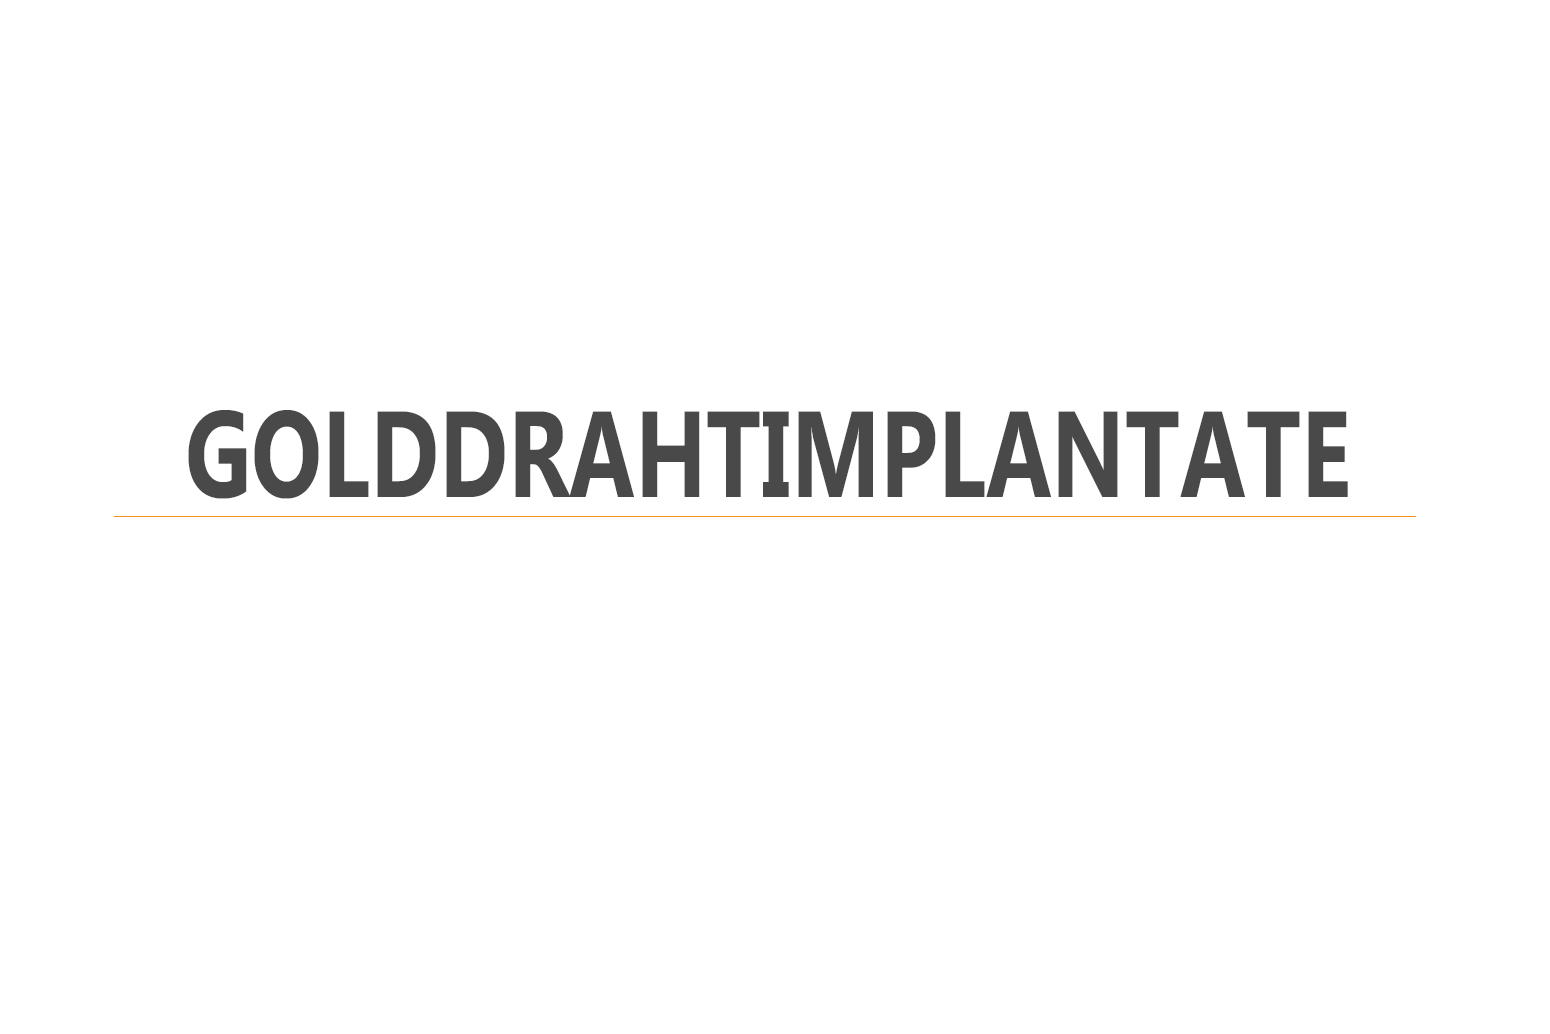 Tierarztpraxis Nussdorf Golddrahtimplantate